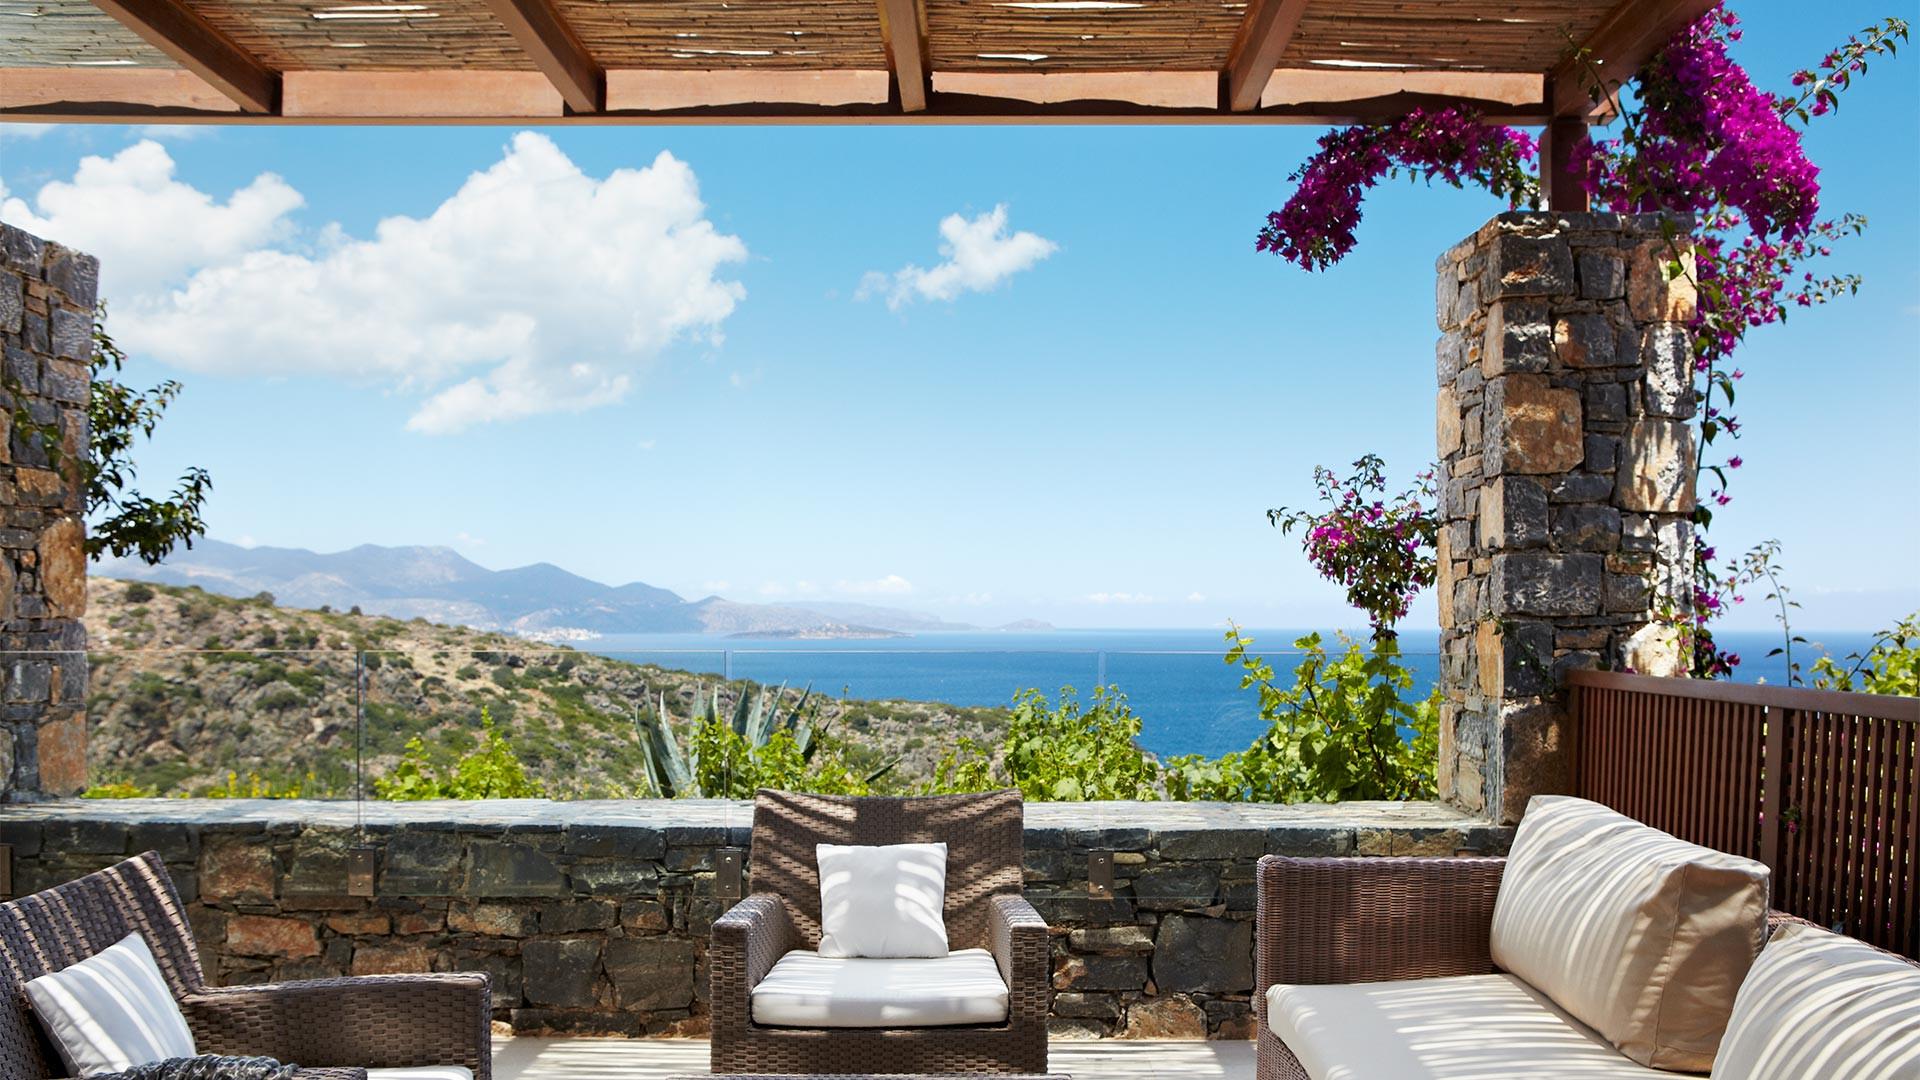 Daios Cove resort in Crete